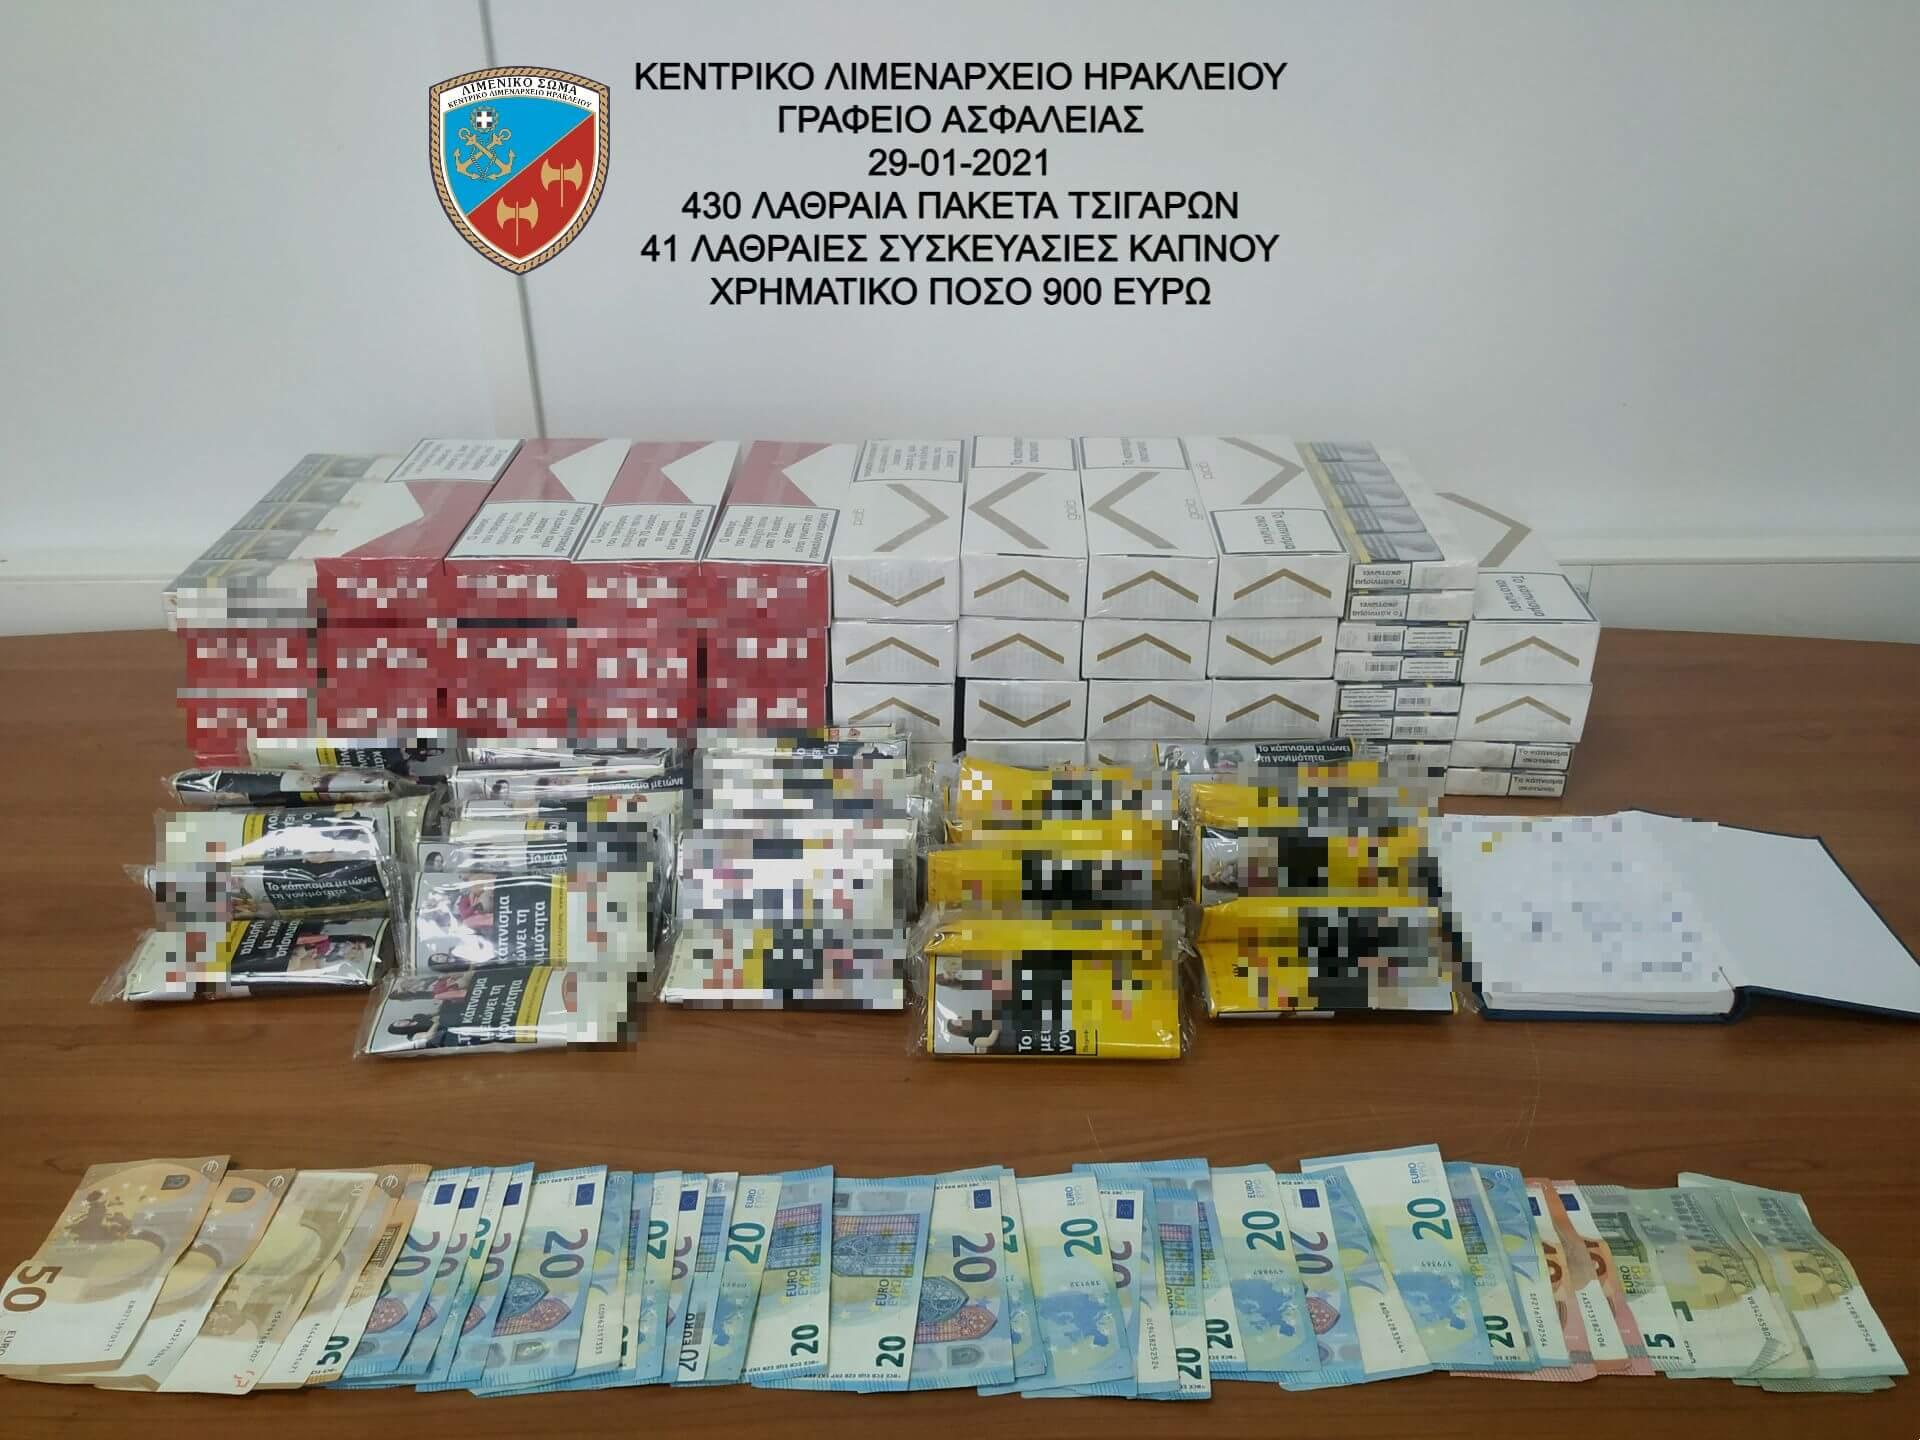 Ηράκλειο : Σύλληψη ημεδαπών για λαθραία καπνικά προϊόντα